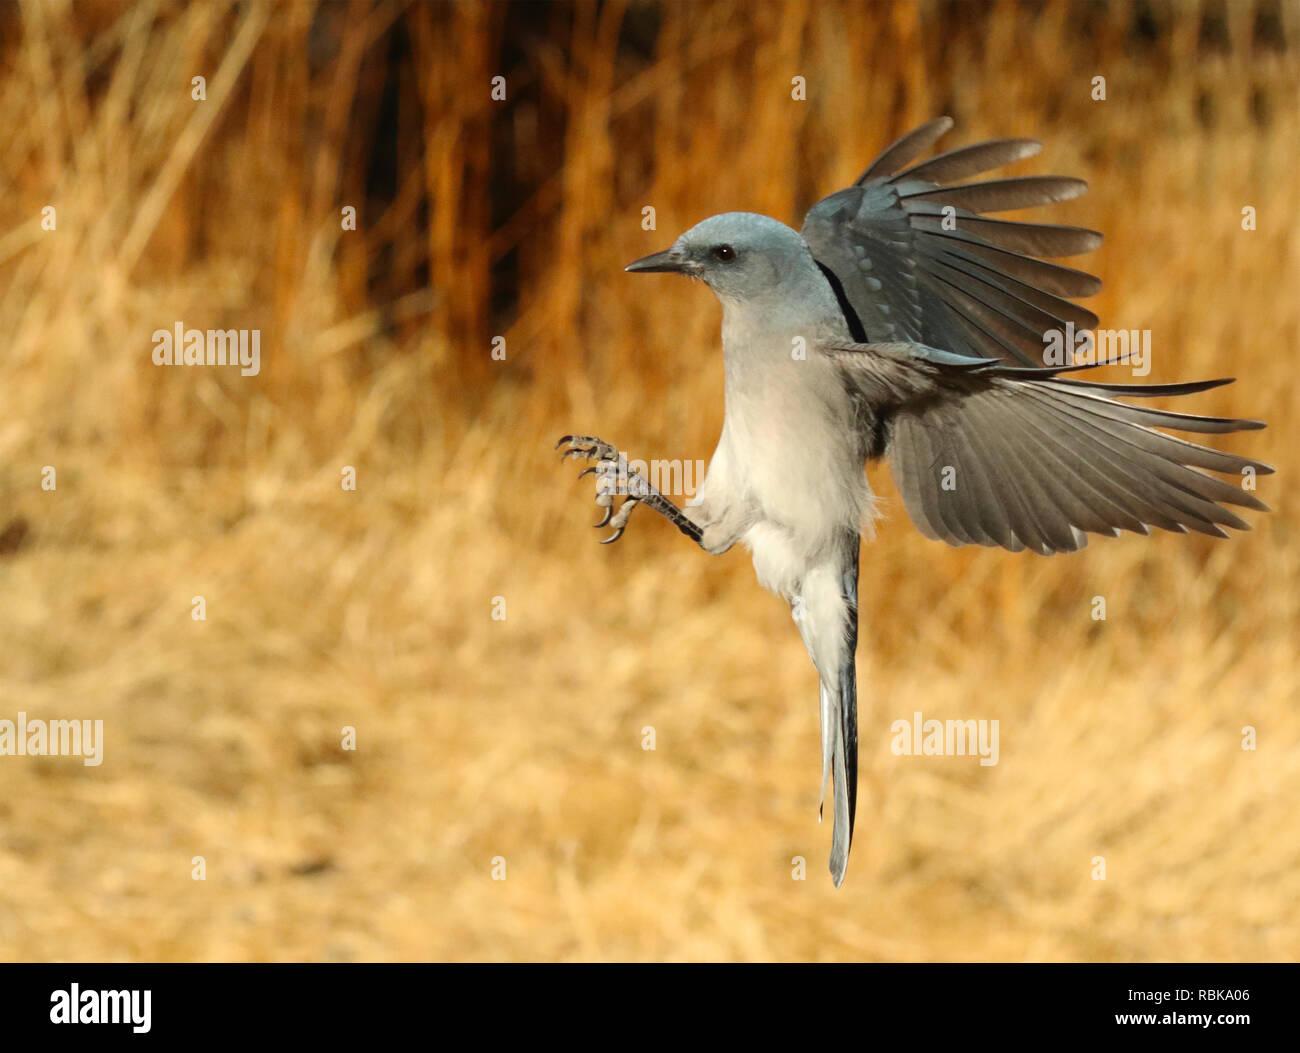 Un Scrub Jay aterrizaje abocinadas con alas. Imagen De Stock